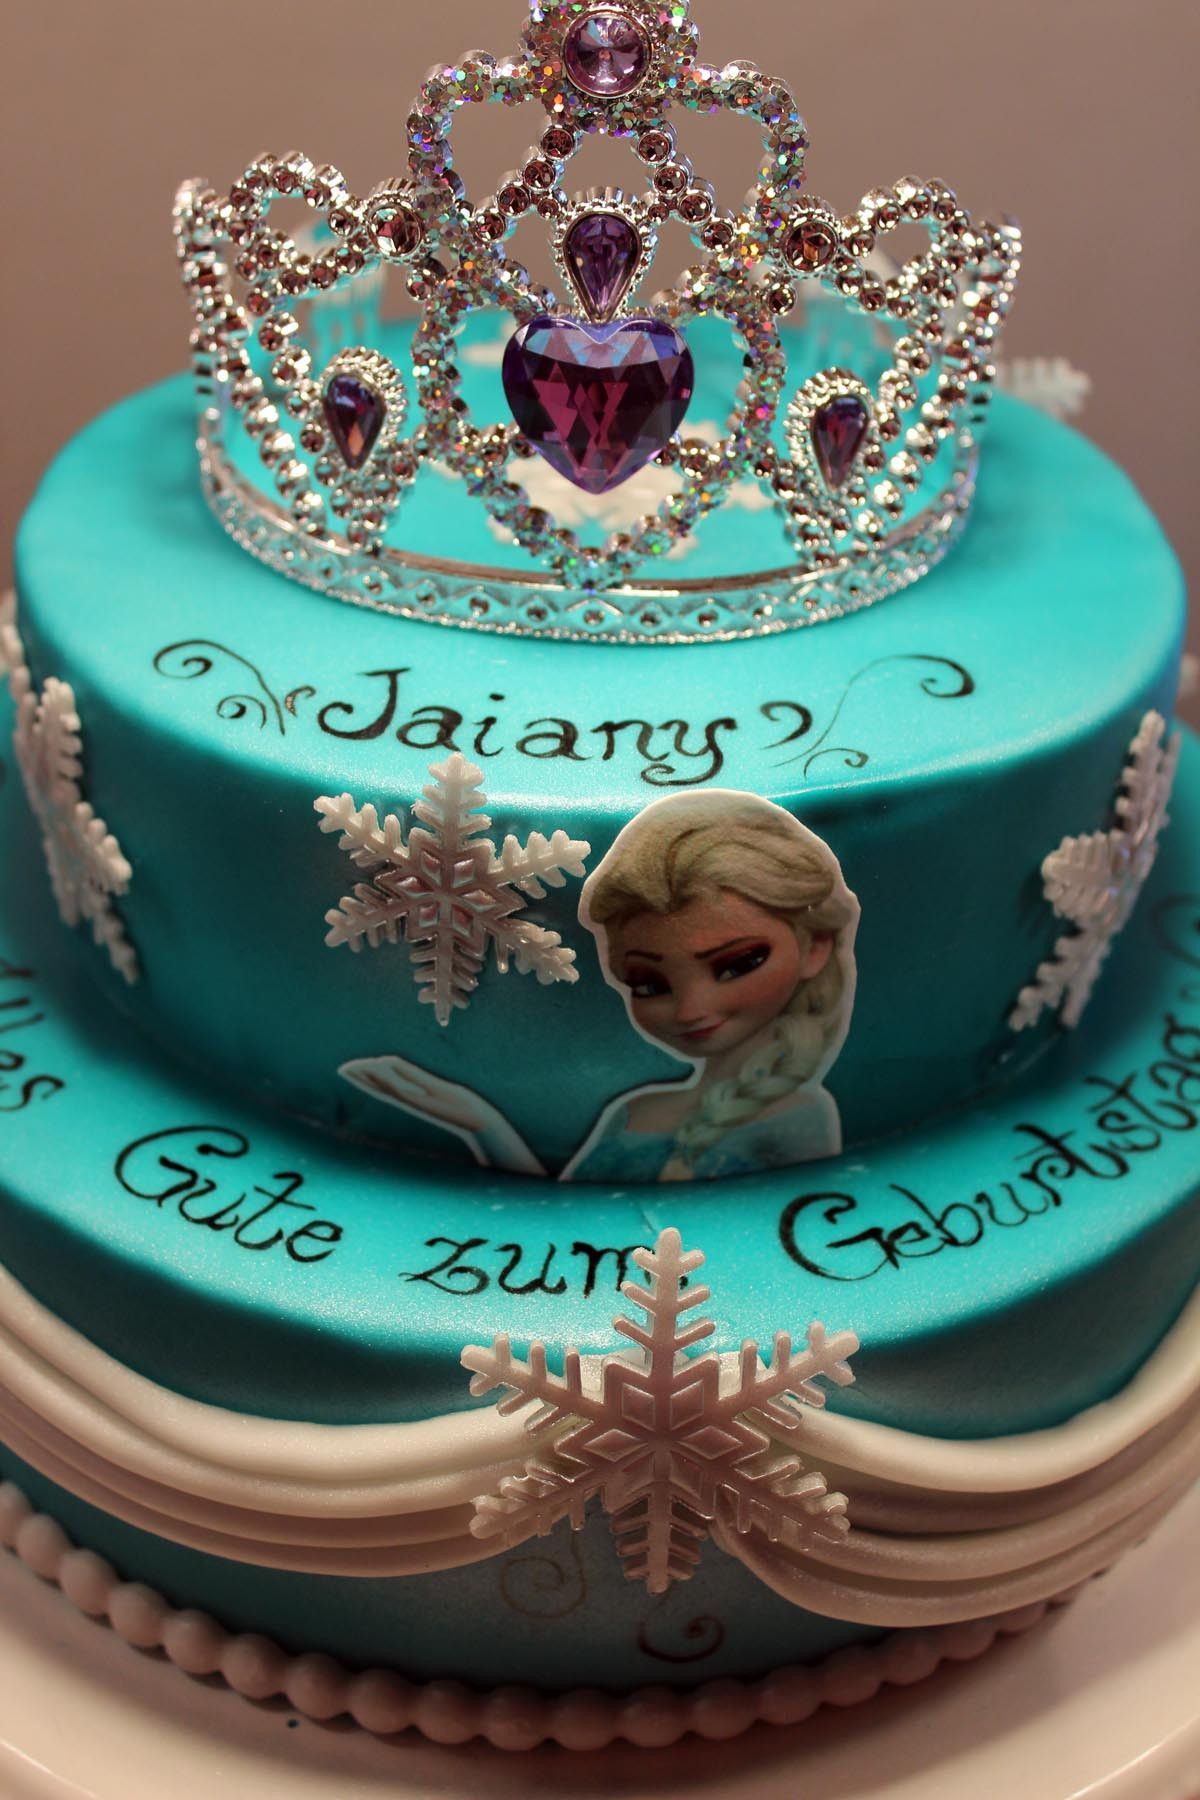 Geburtstag Torte Bestellen Koln Inspirational Torte Geburtstag Online Bestellen Beliebte Rezepte Von